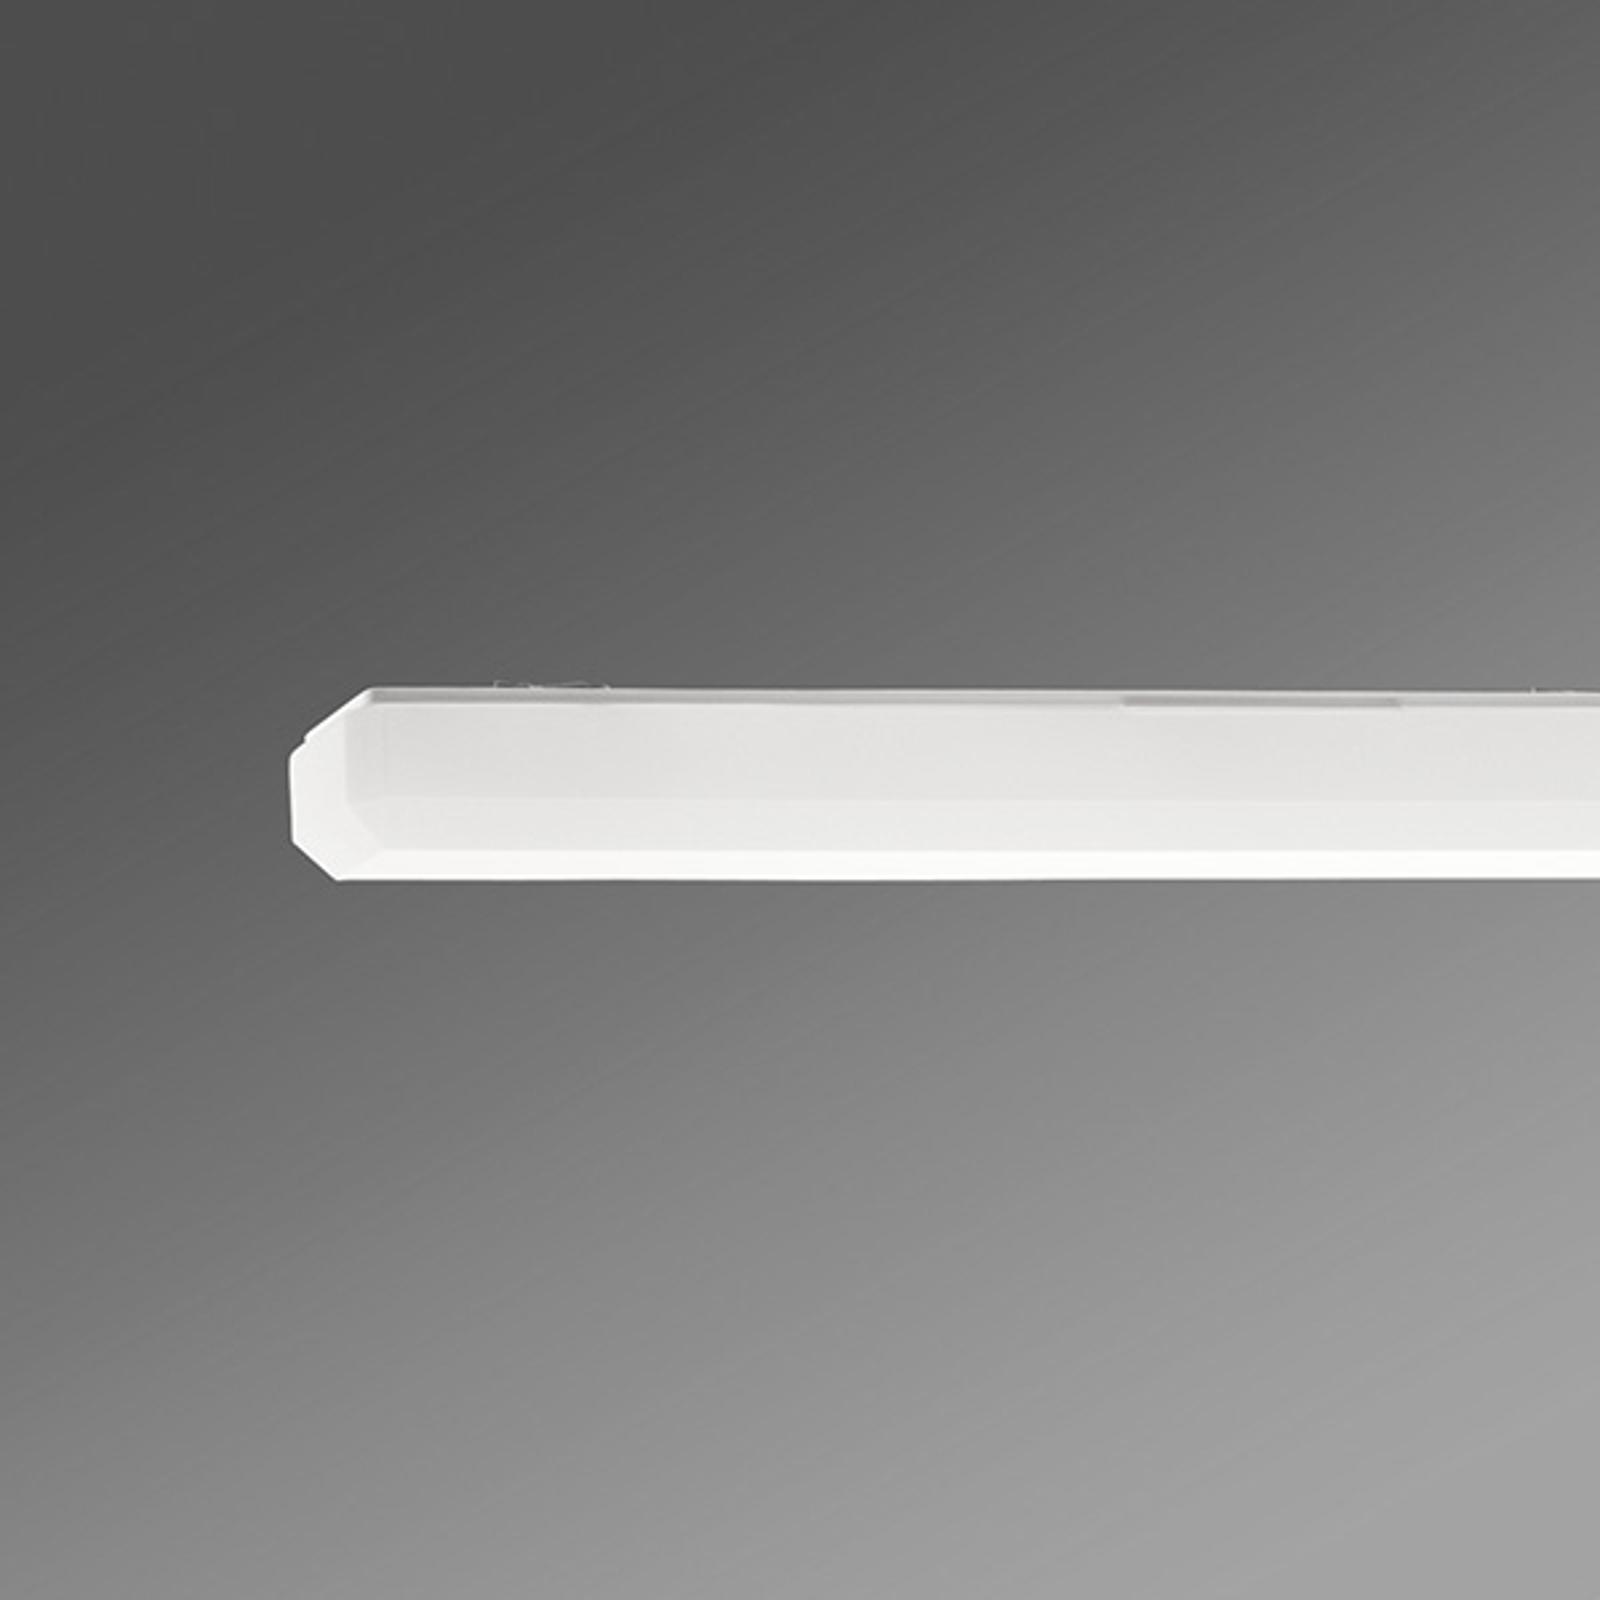 Lampa korytkowa KLKF 127cm z EVG T8/G13 1x36W